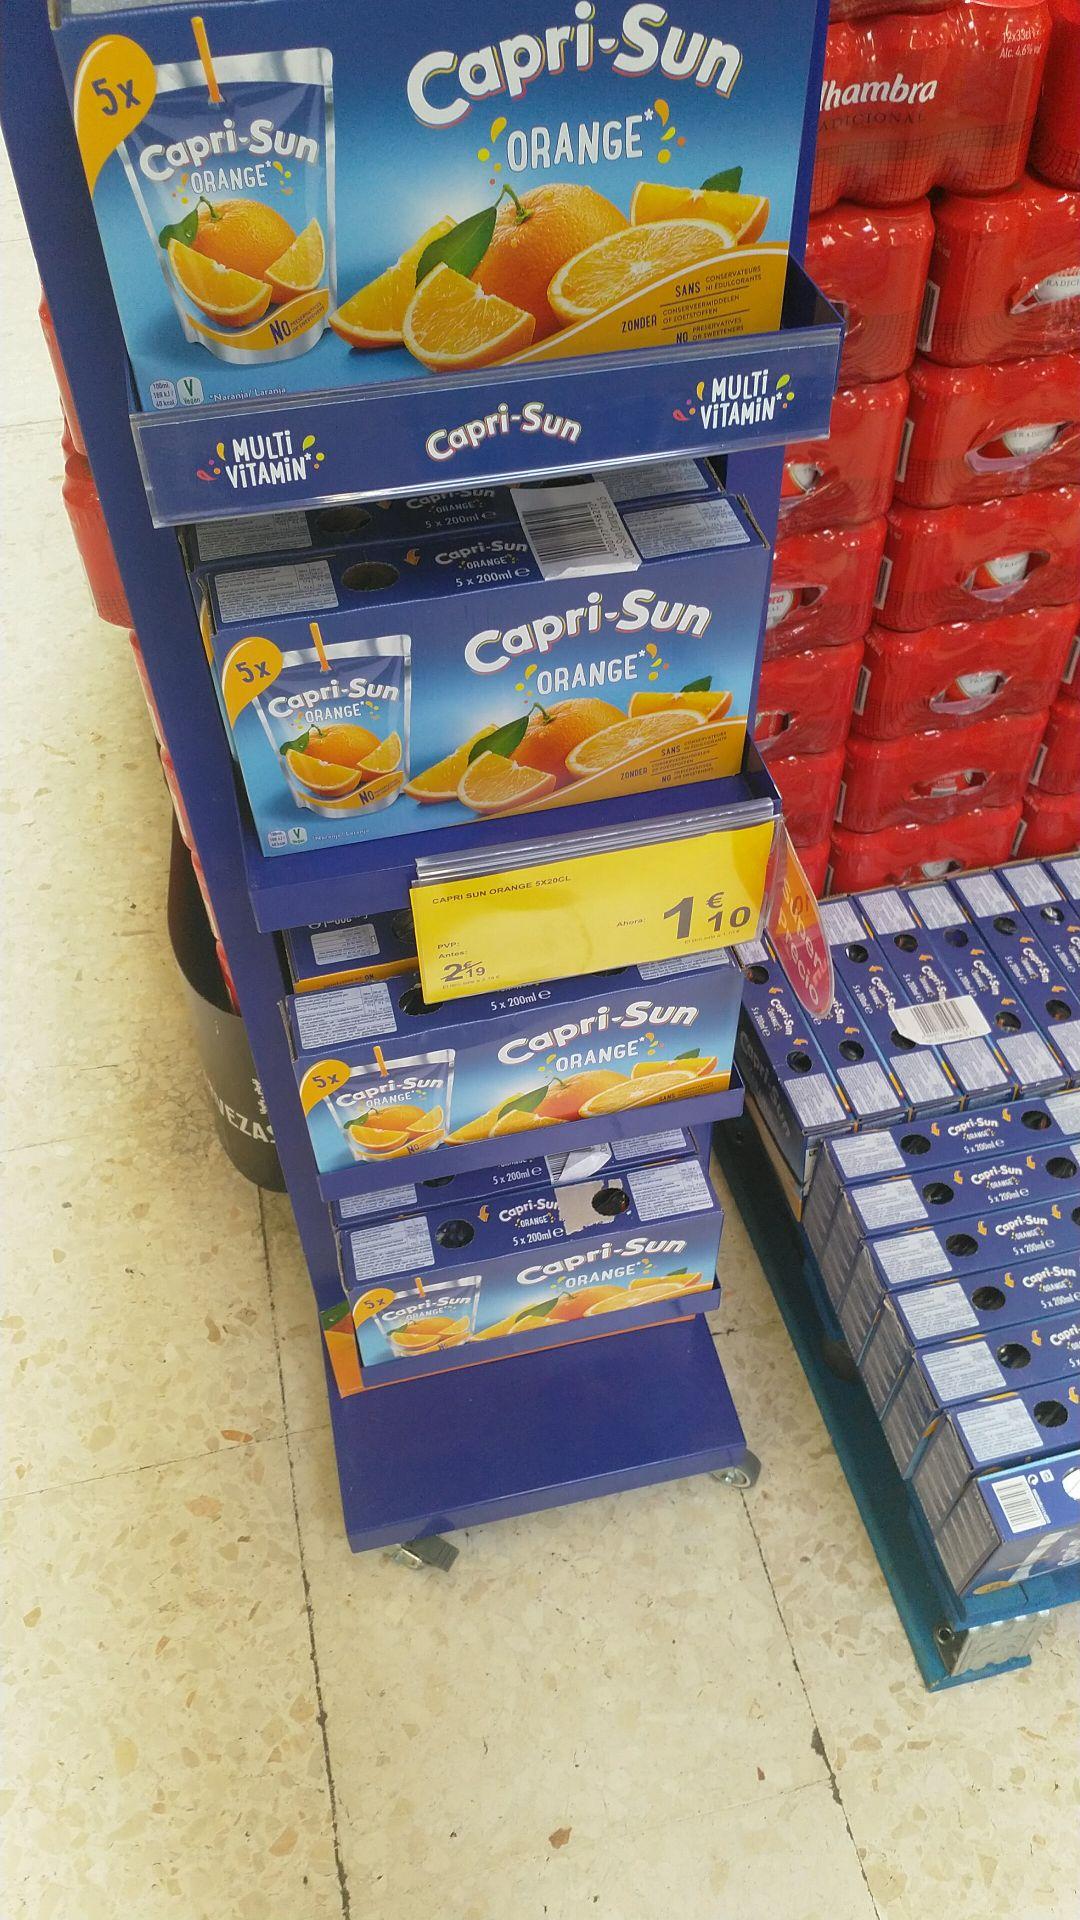 Capri Sun Orange 5x200CL (Carrefour de Almería)